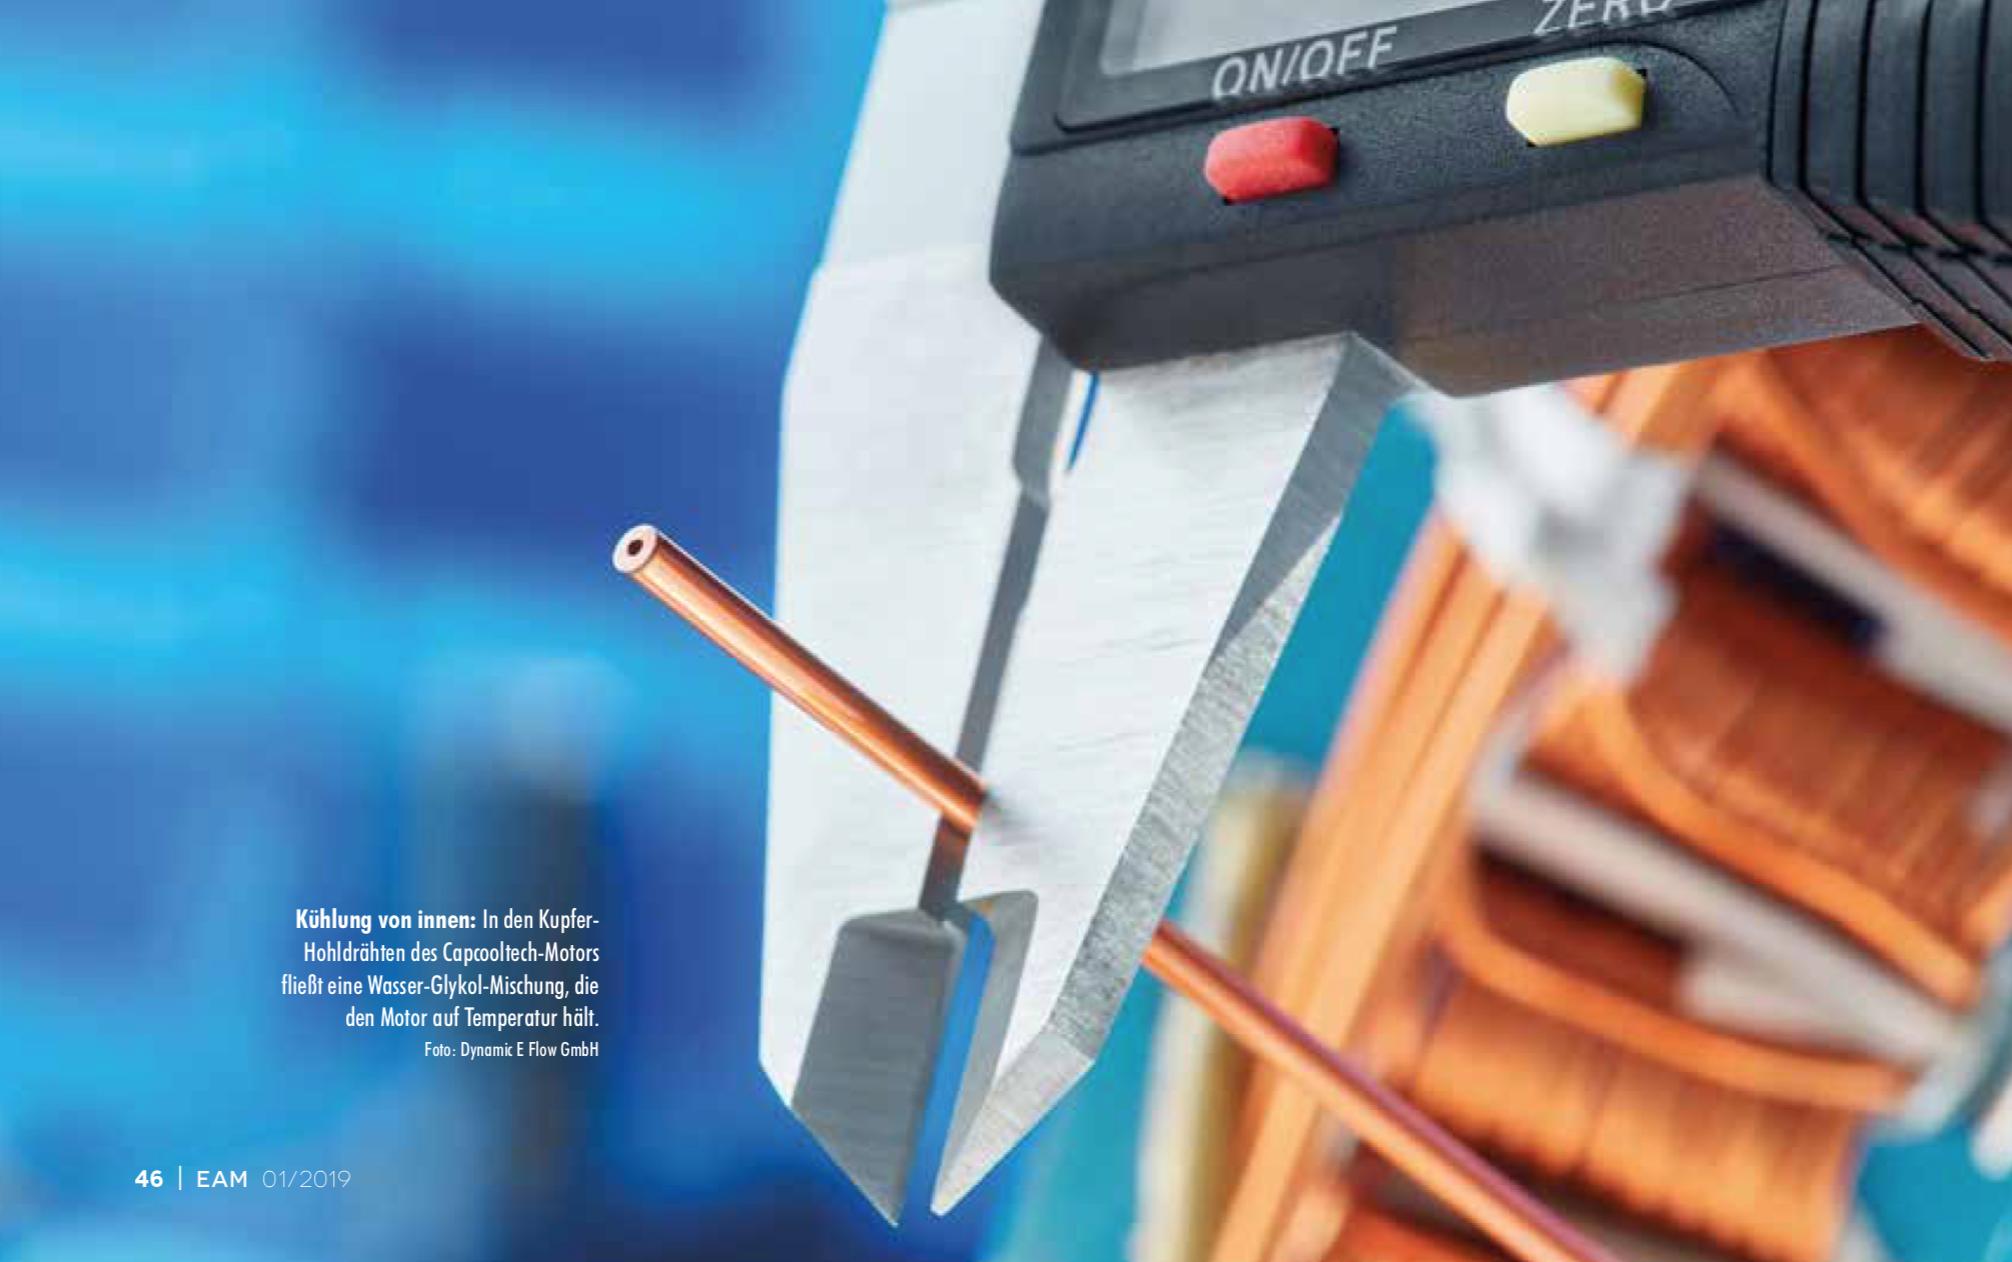 Quelle: elektroautomobil - Das Magazin für Elektromobilität